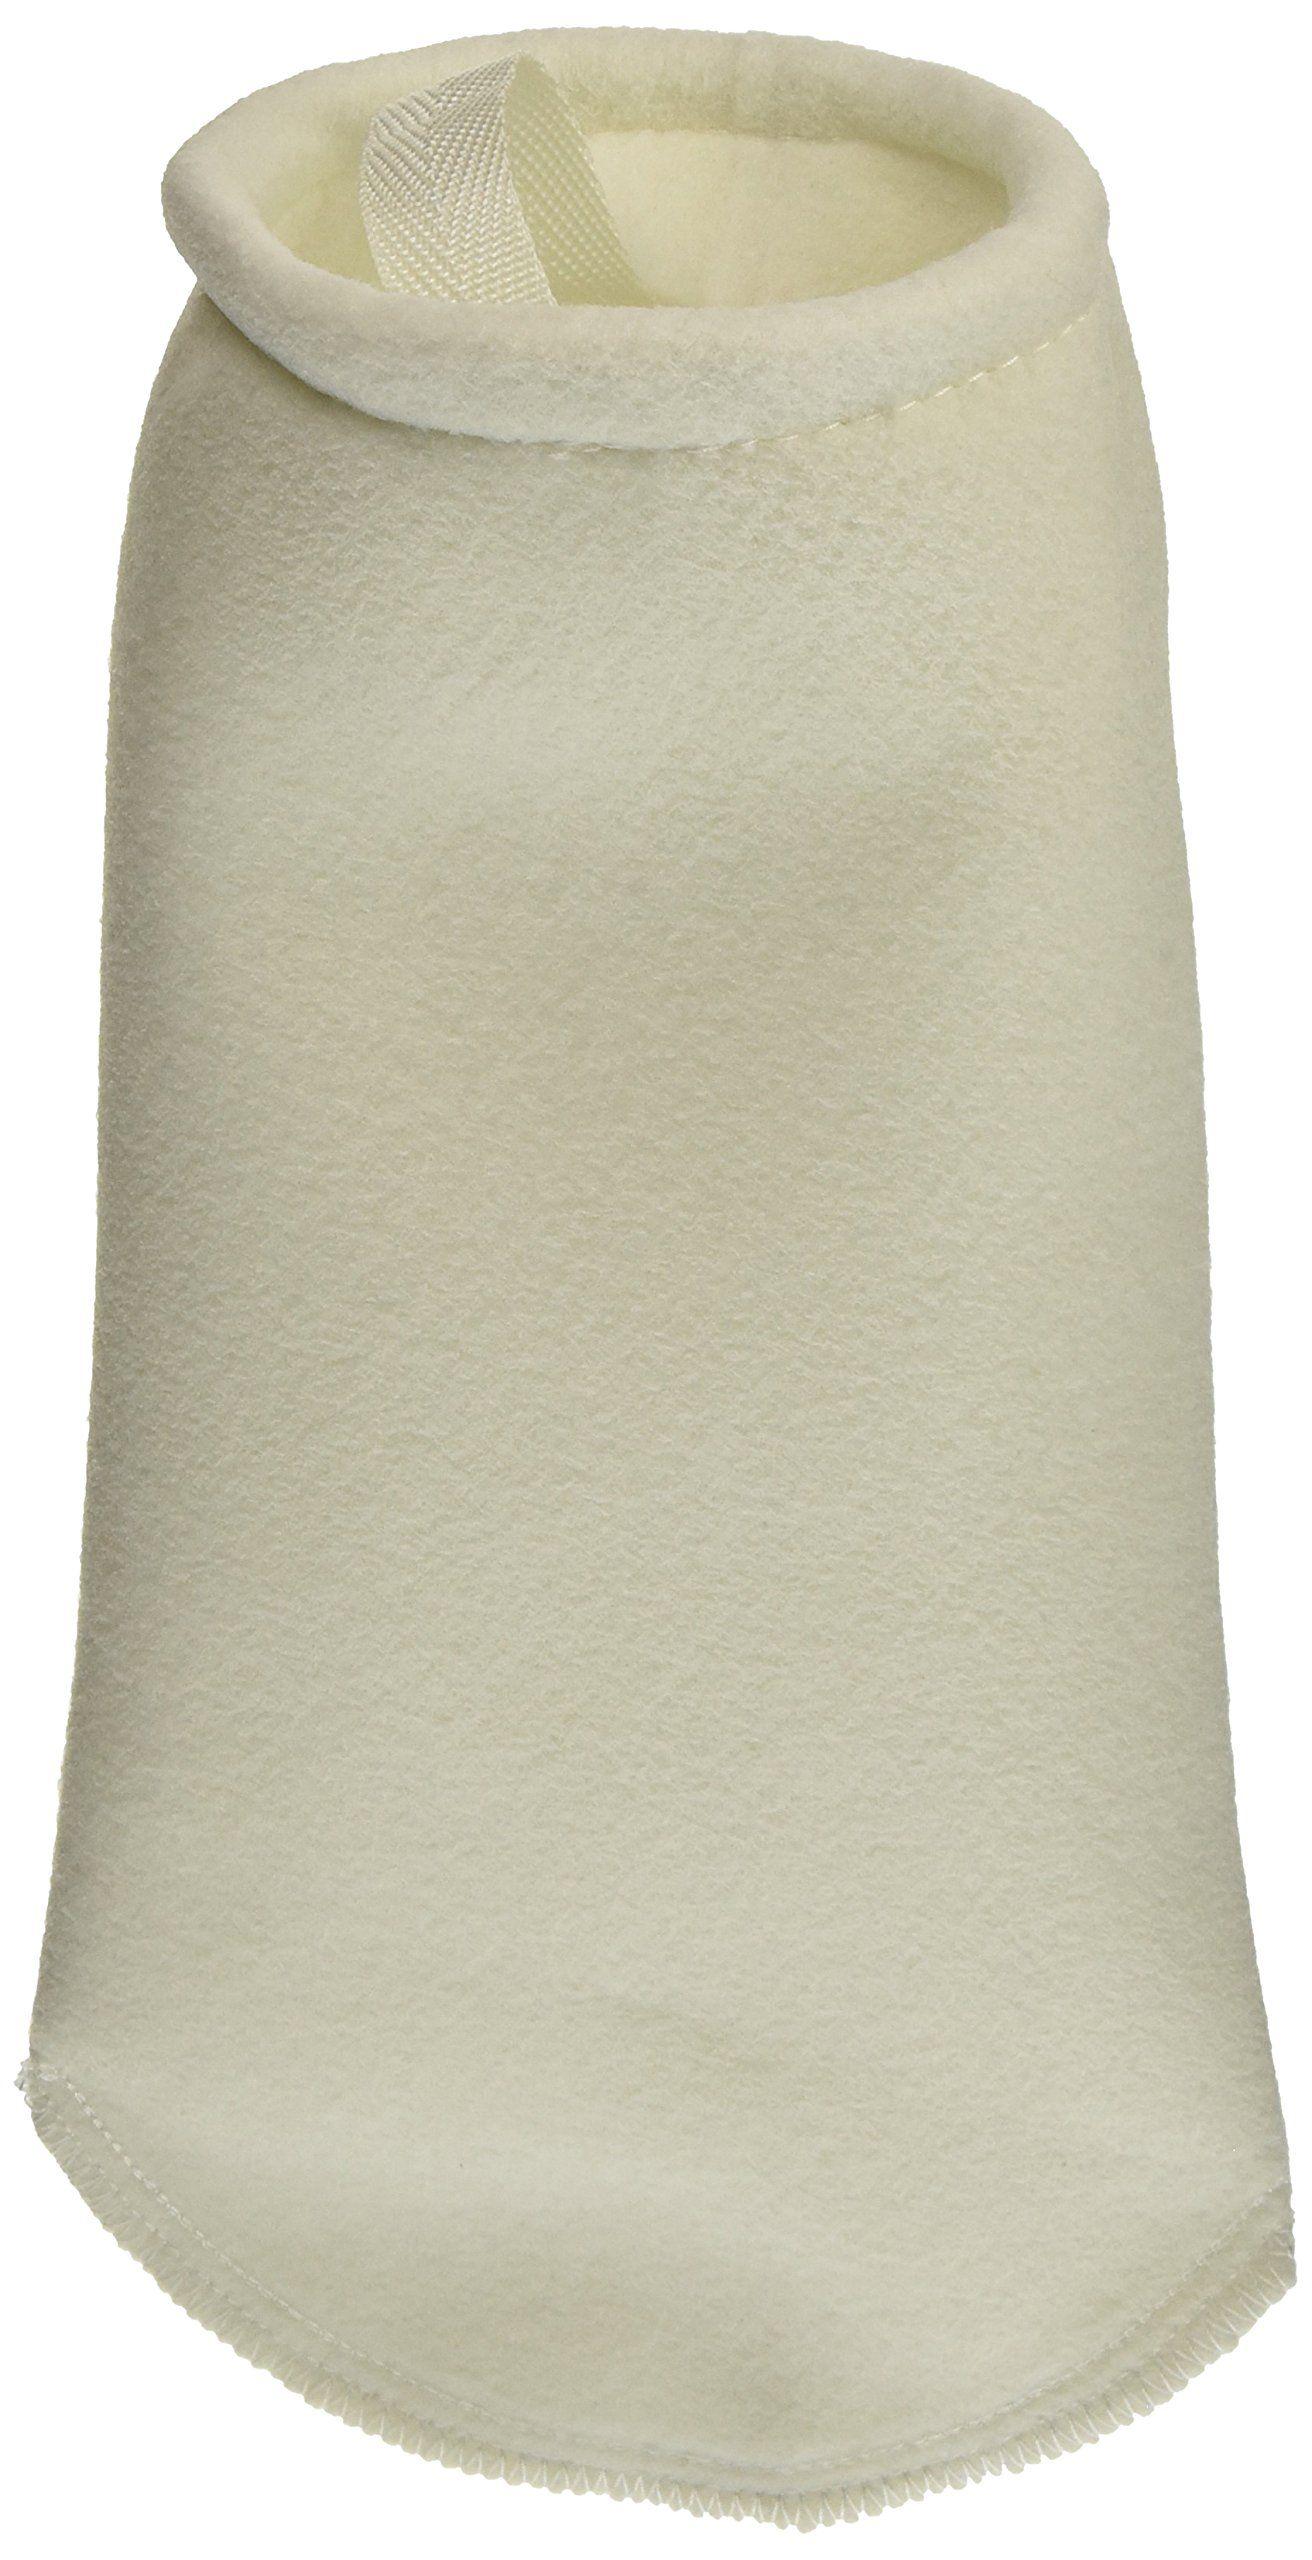 Pentek KE100G4S Polyester Felt Filter Bag >>> Click on the